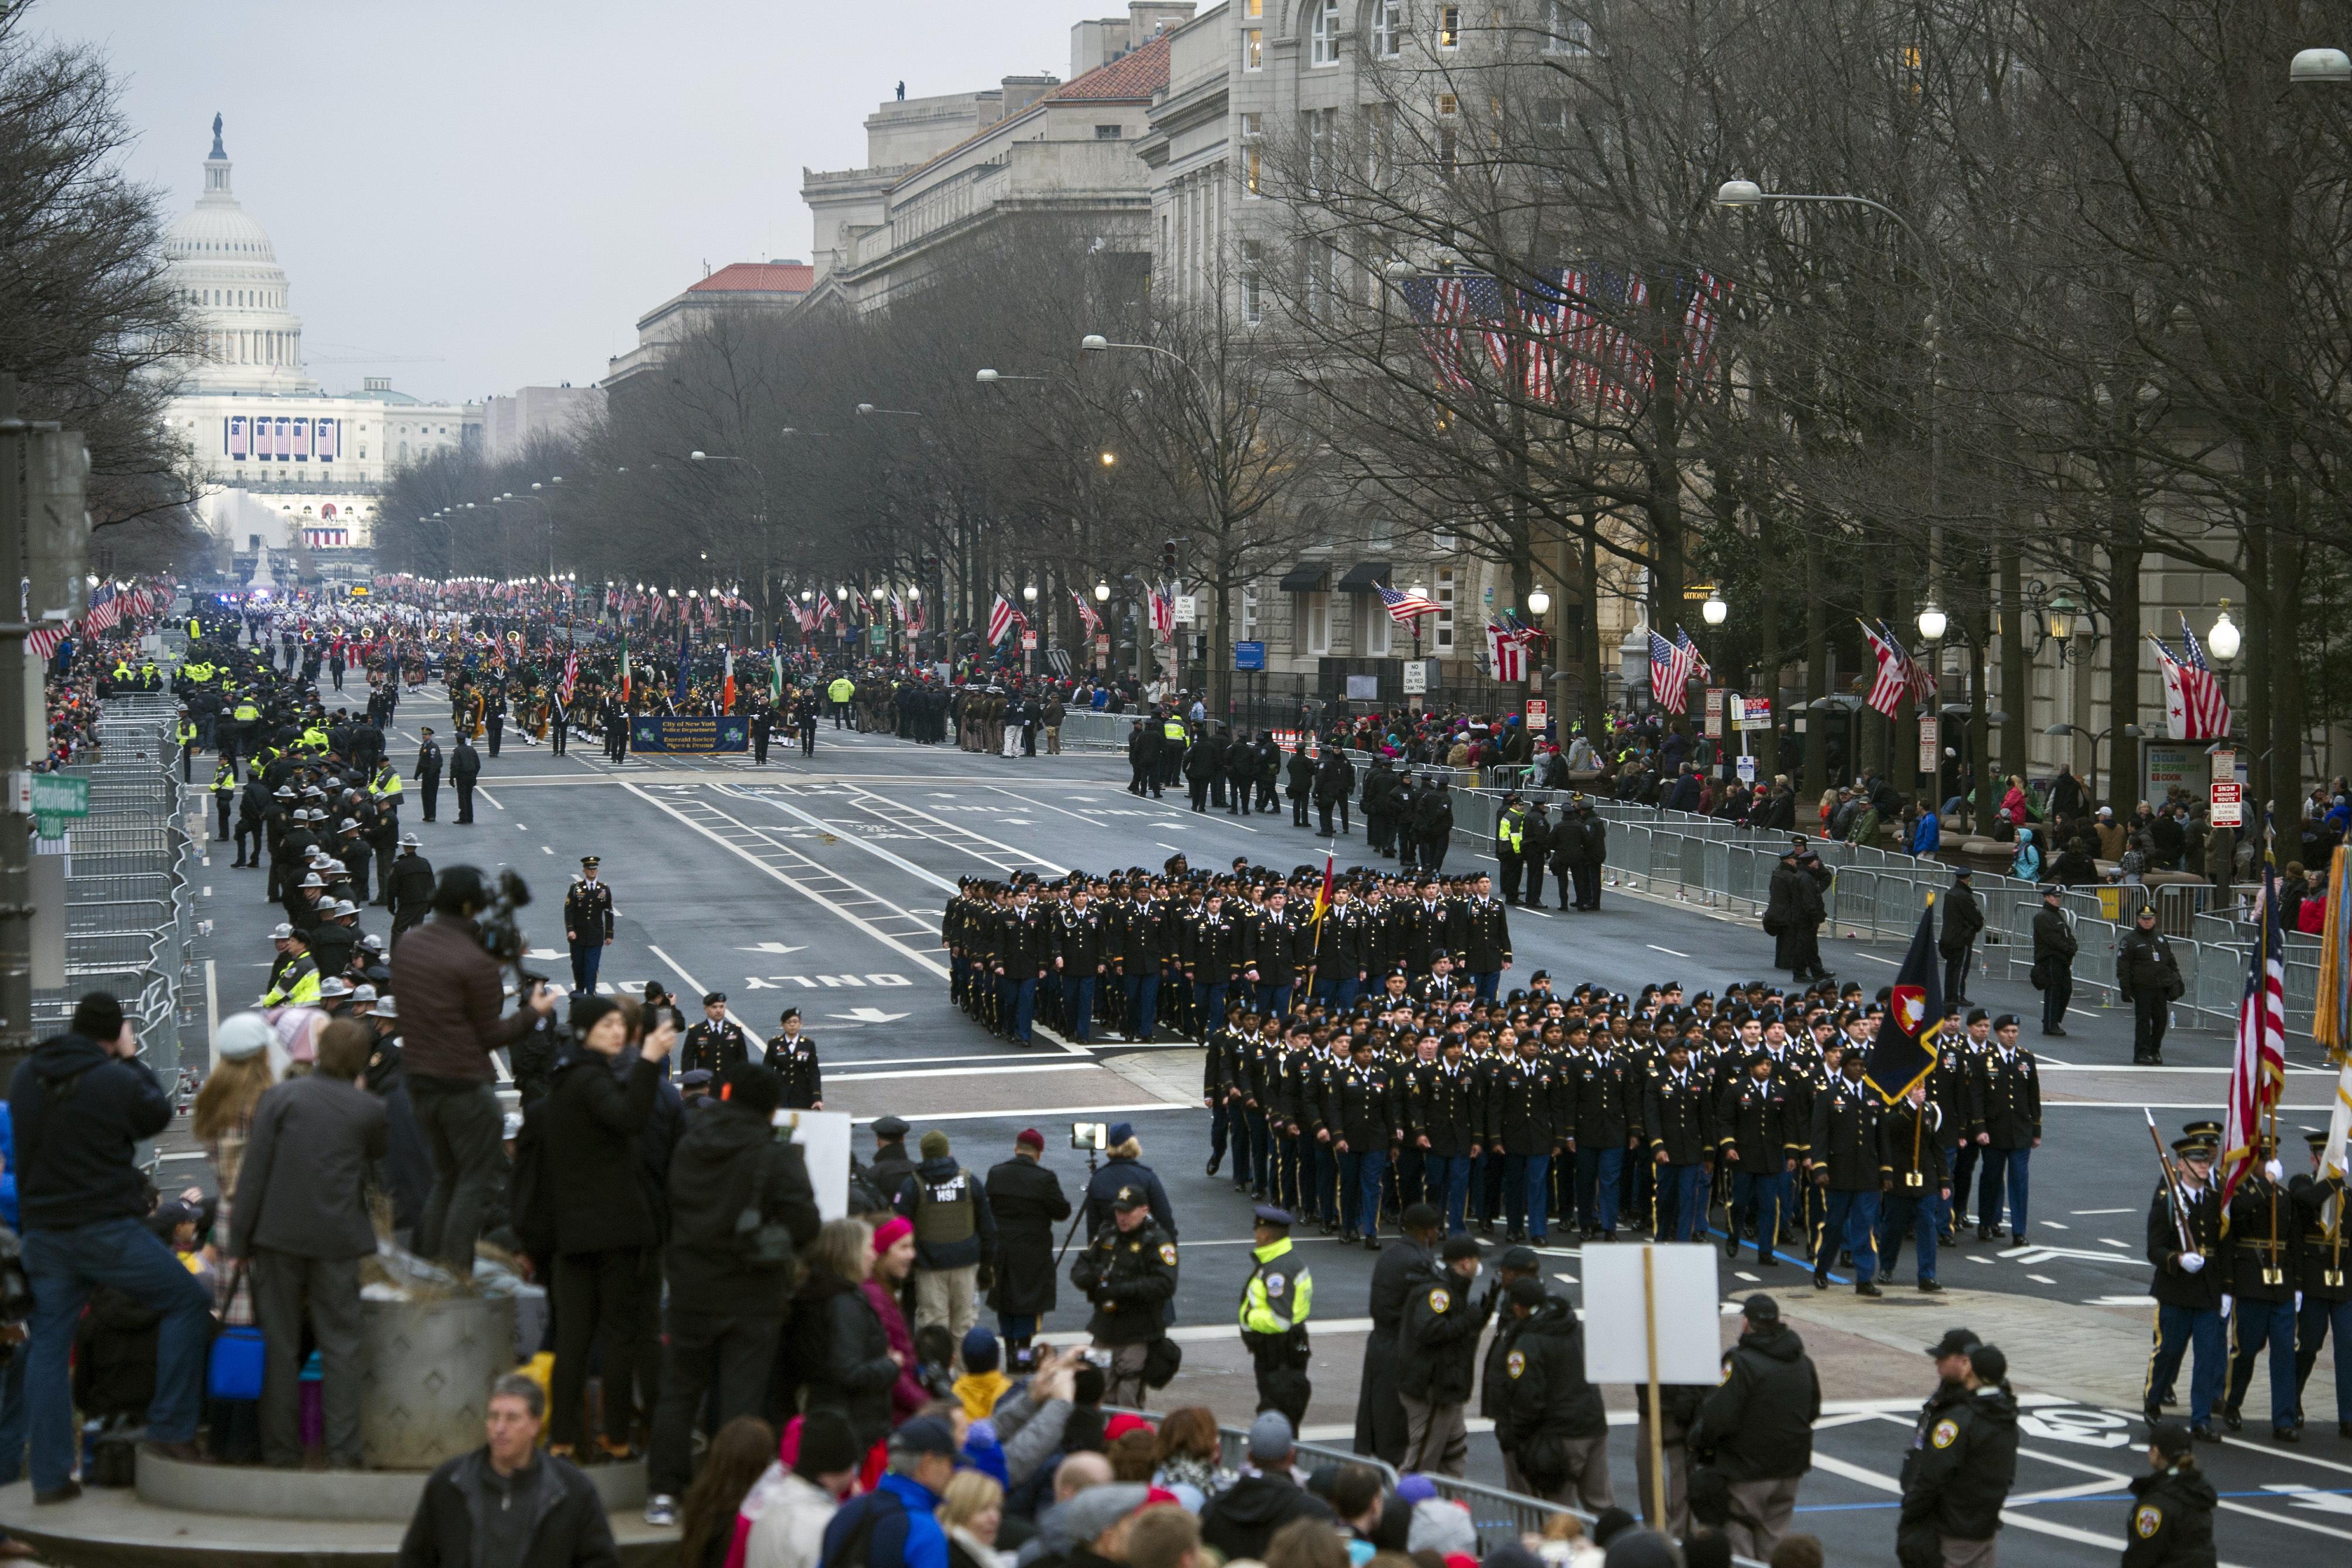 El Pentágono Posterga El Desfile Militar De Trump Hasta 2019.